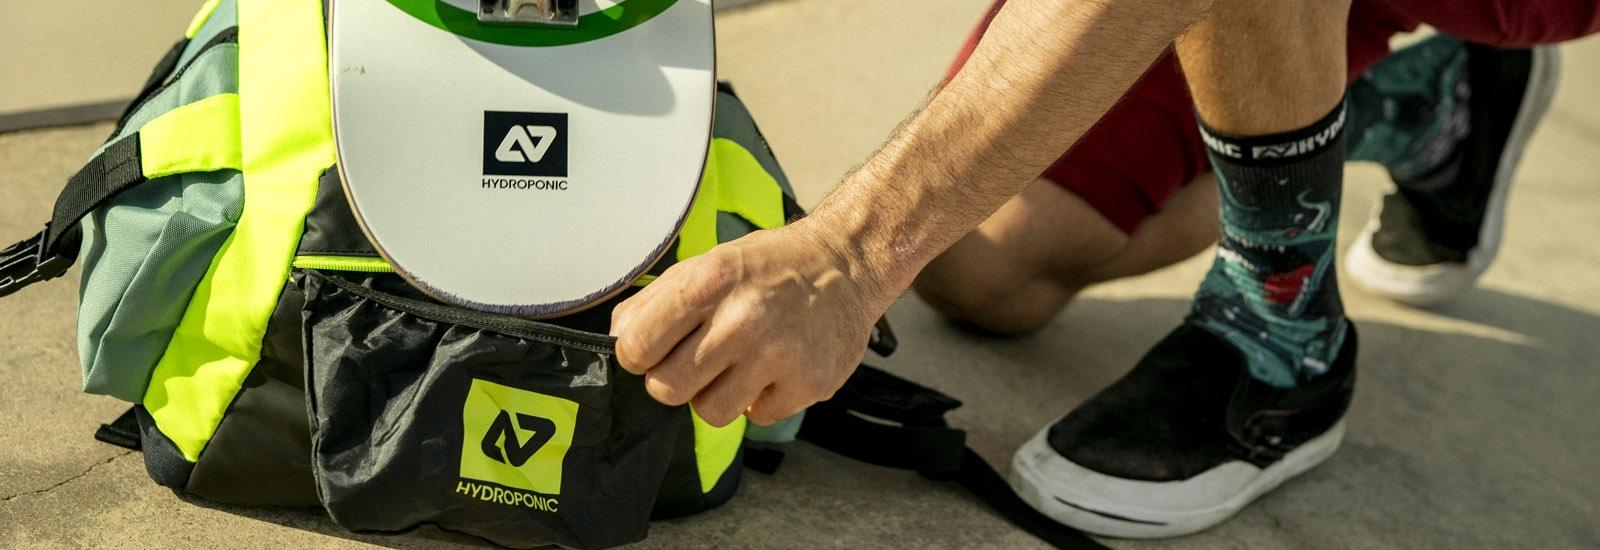 Bolsas de Skate - Hydroponic